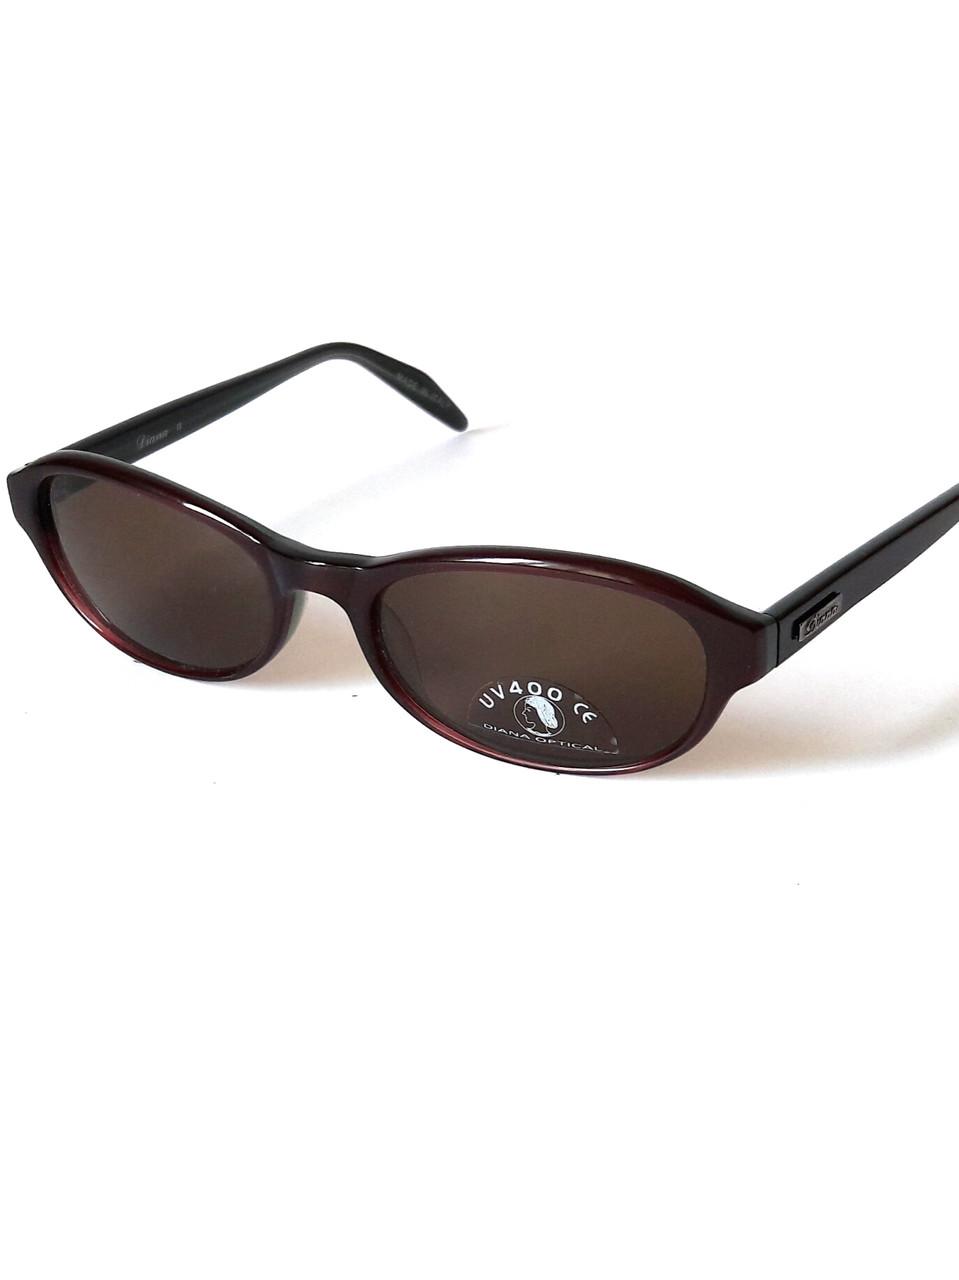 Солнцезащитные фирменные очки из настоящего этрола Diana (Италия)